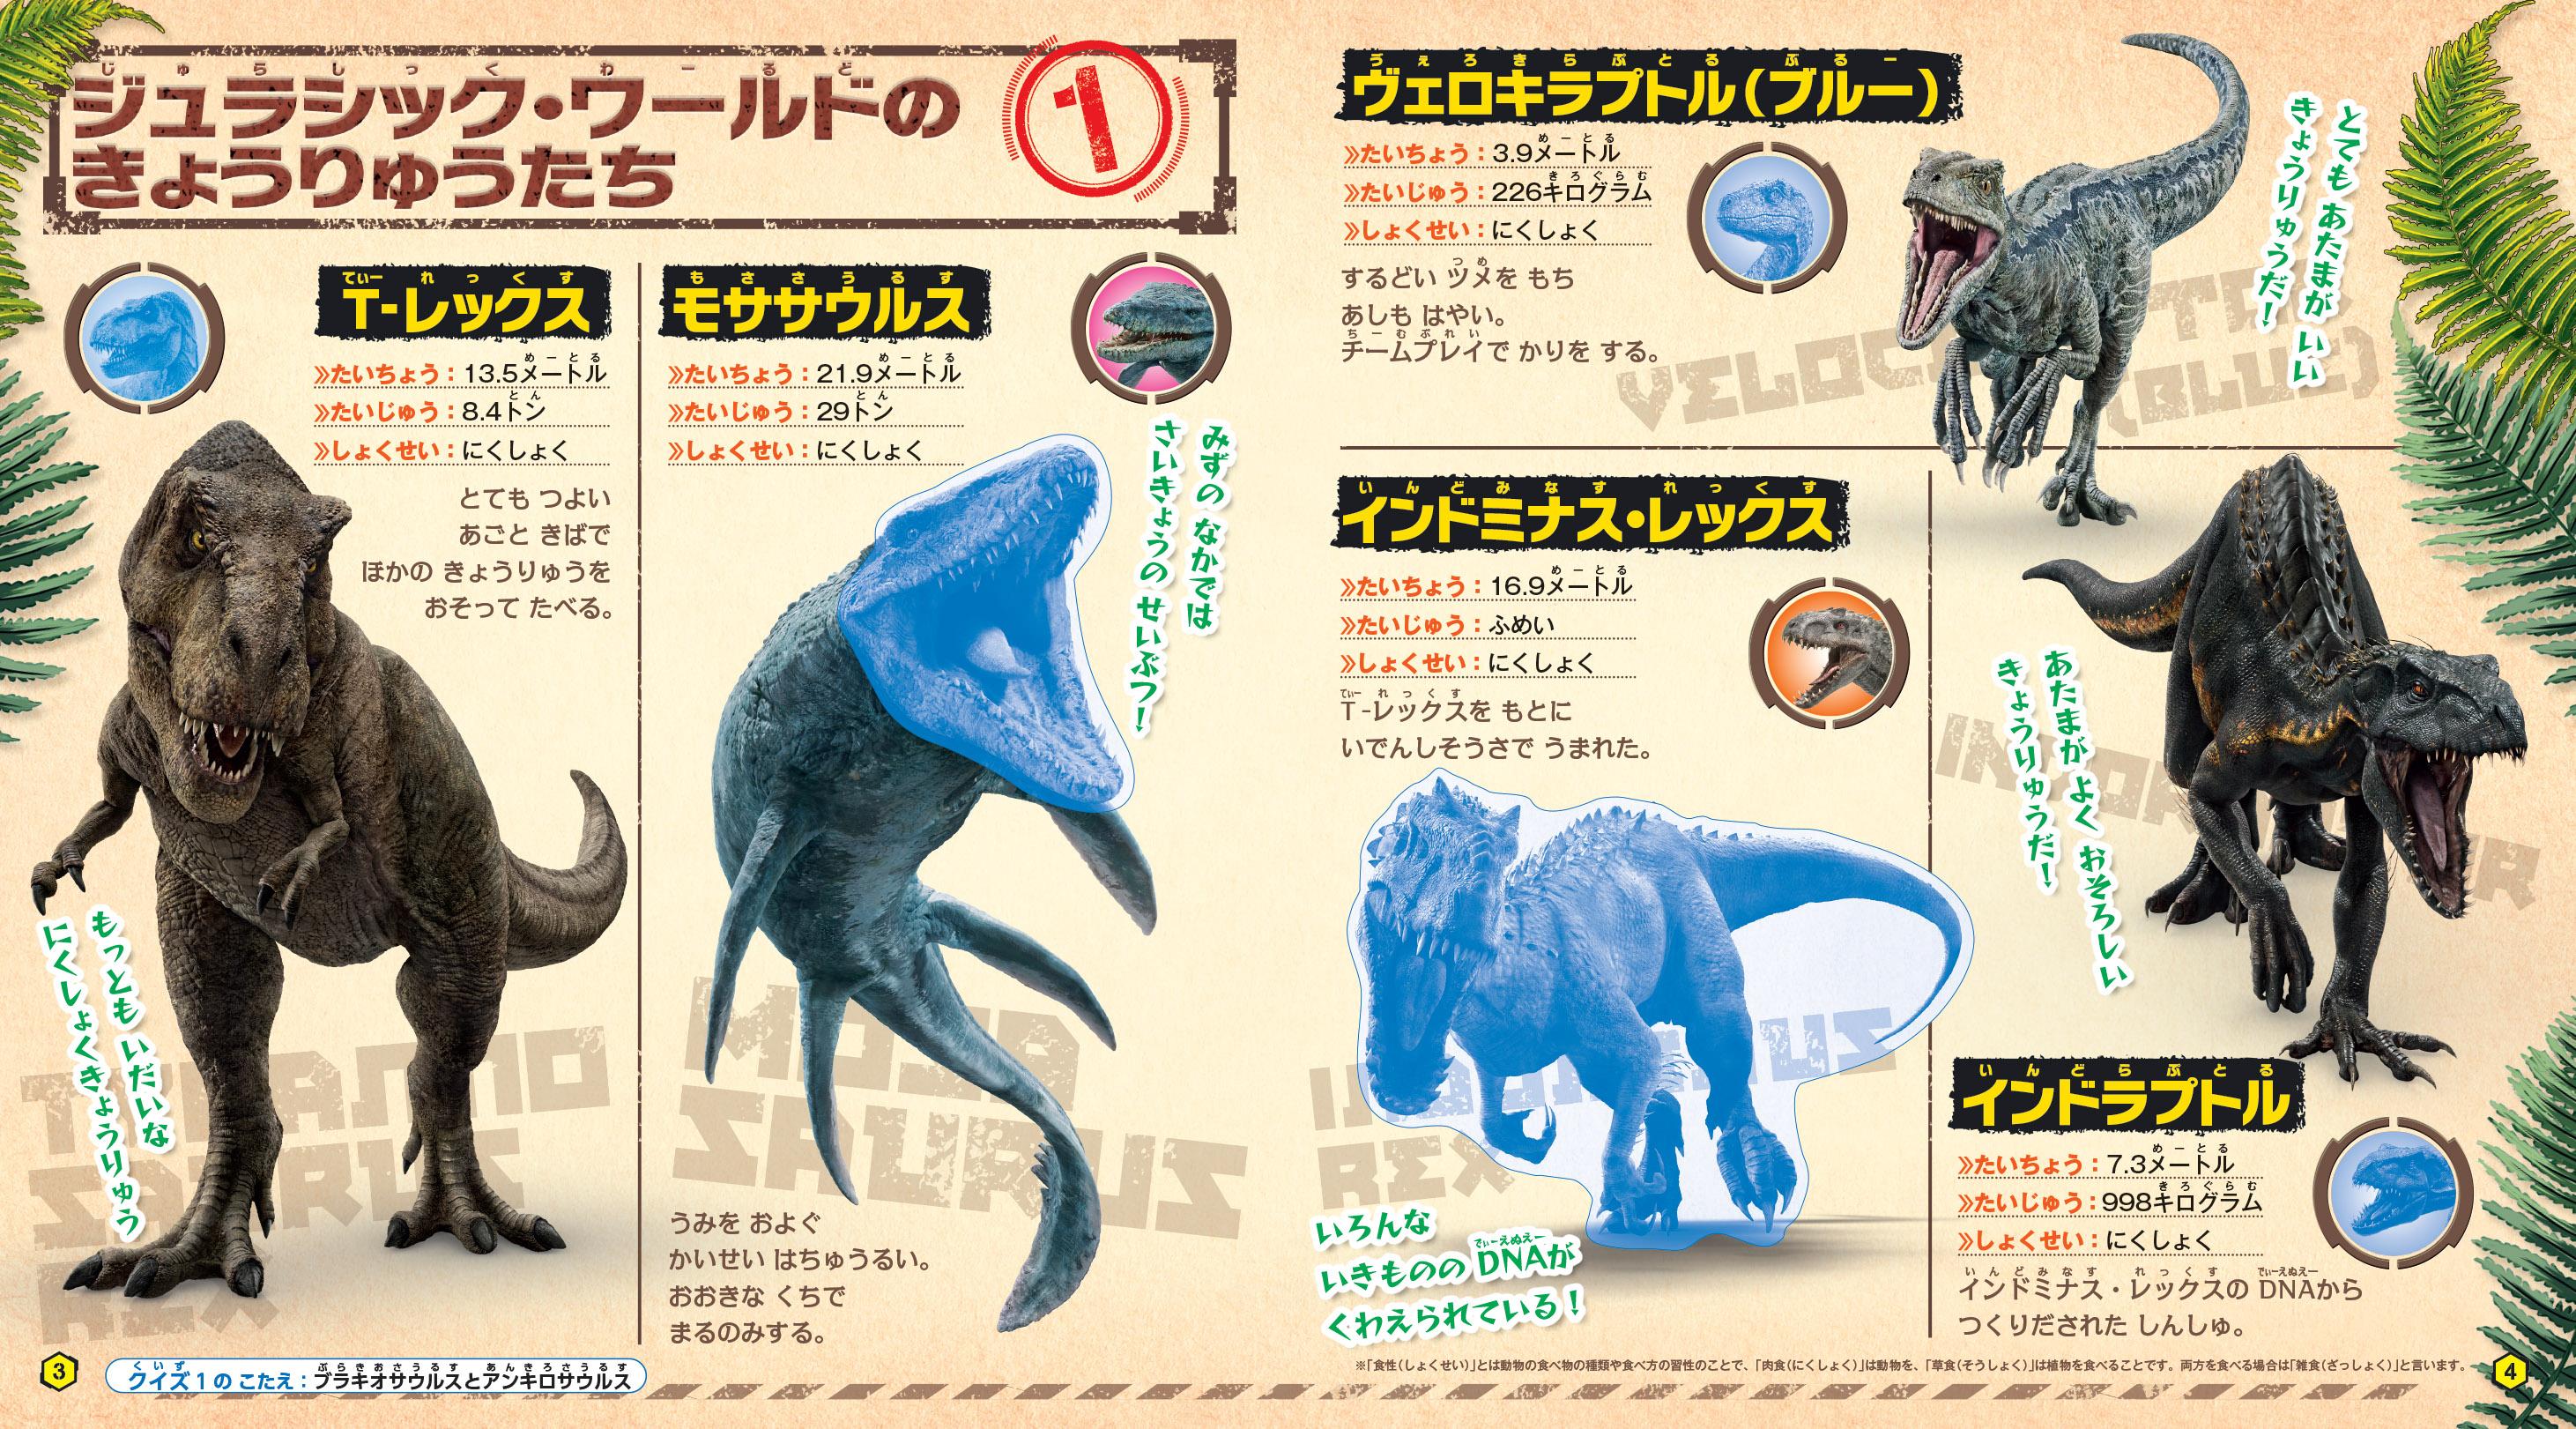 「たくさんの種類の恐竜が登場」紙面